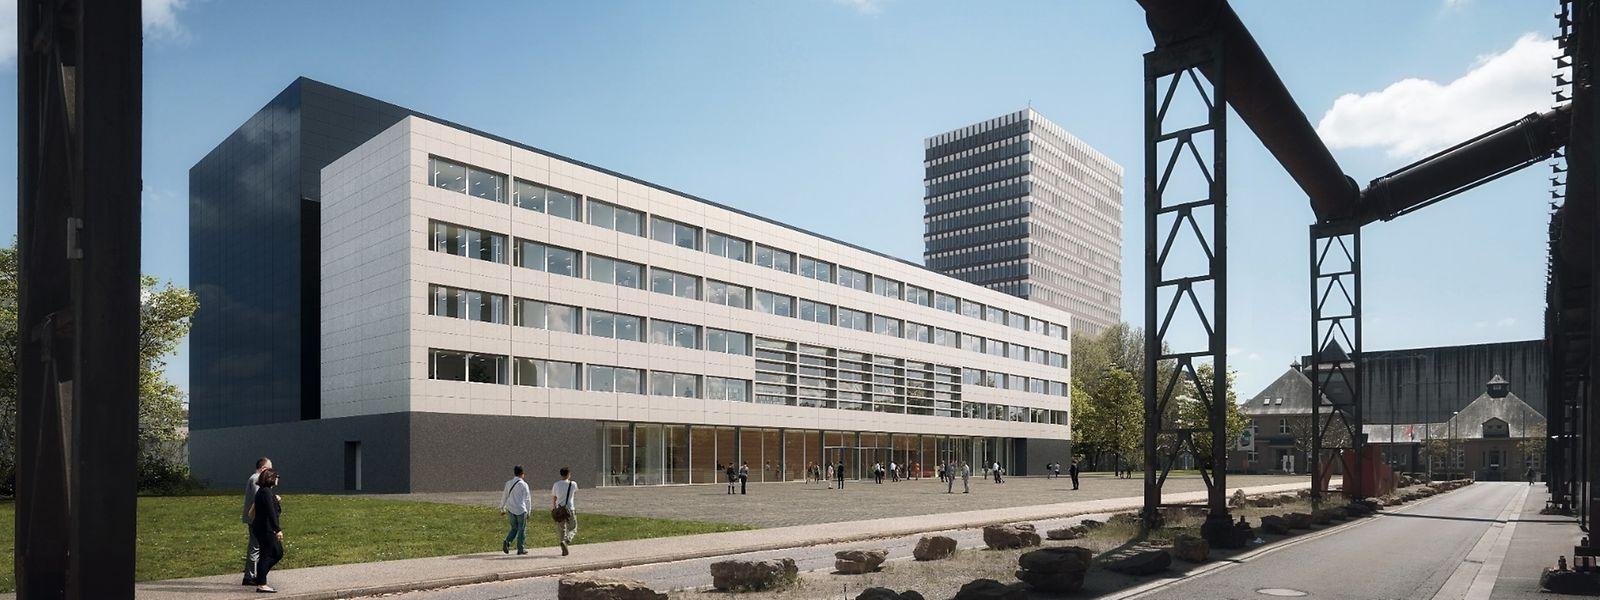 Avec ce nouveau bâtiment, les ANLux vont changer de dimension.